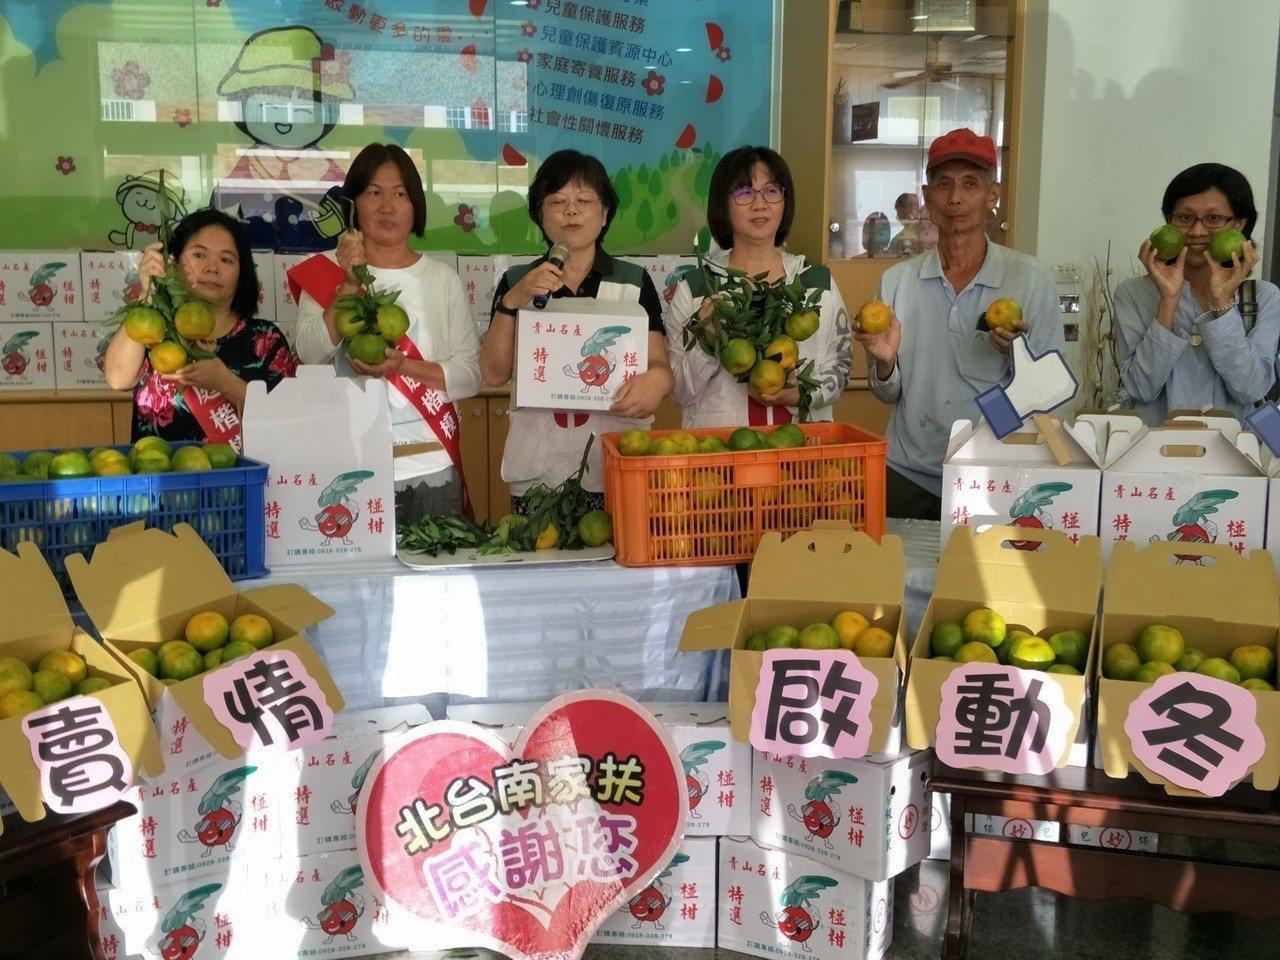 台南東山農民伍國賢(右二)連續兩年提供椪柑助弱勢。記者謝進盛/攝影